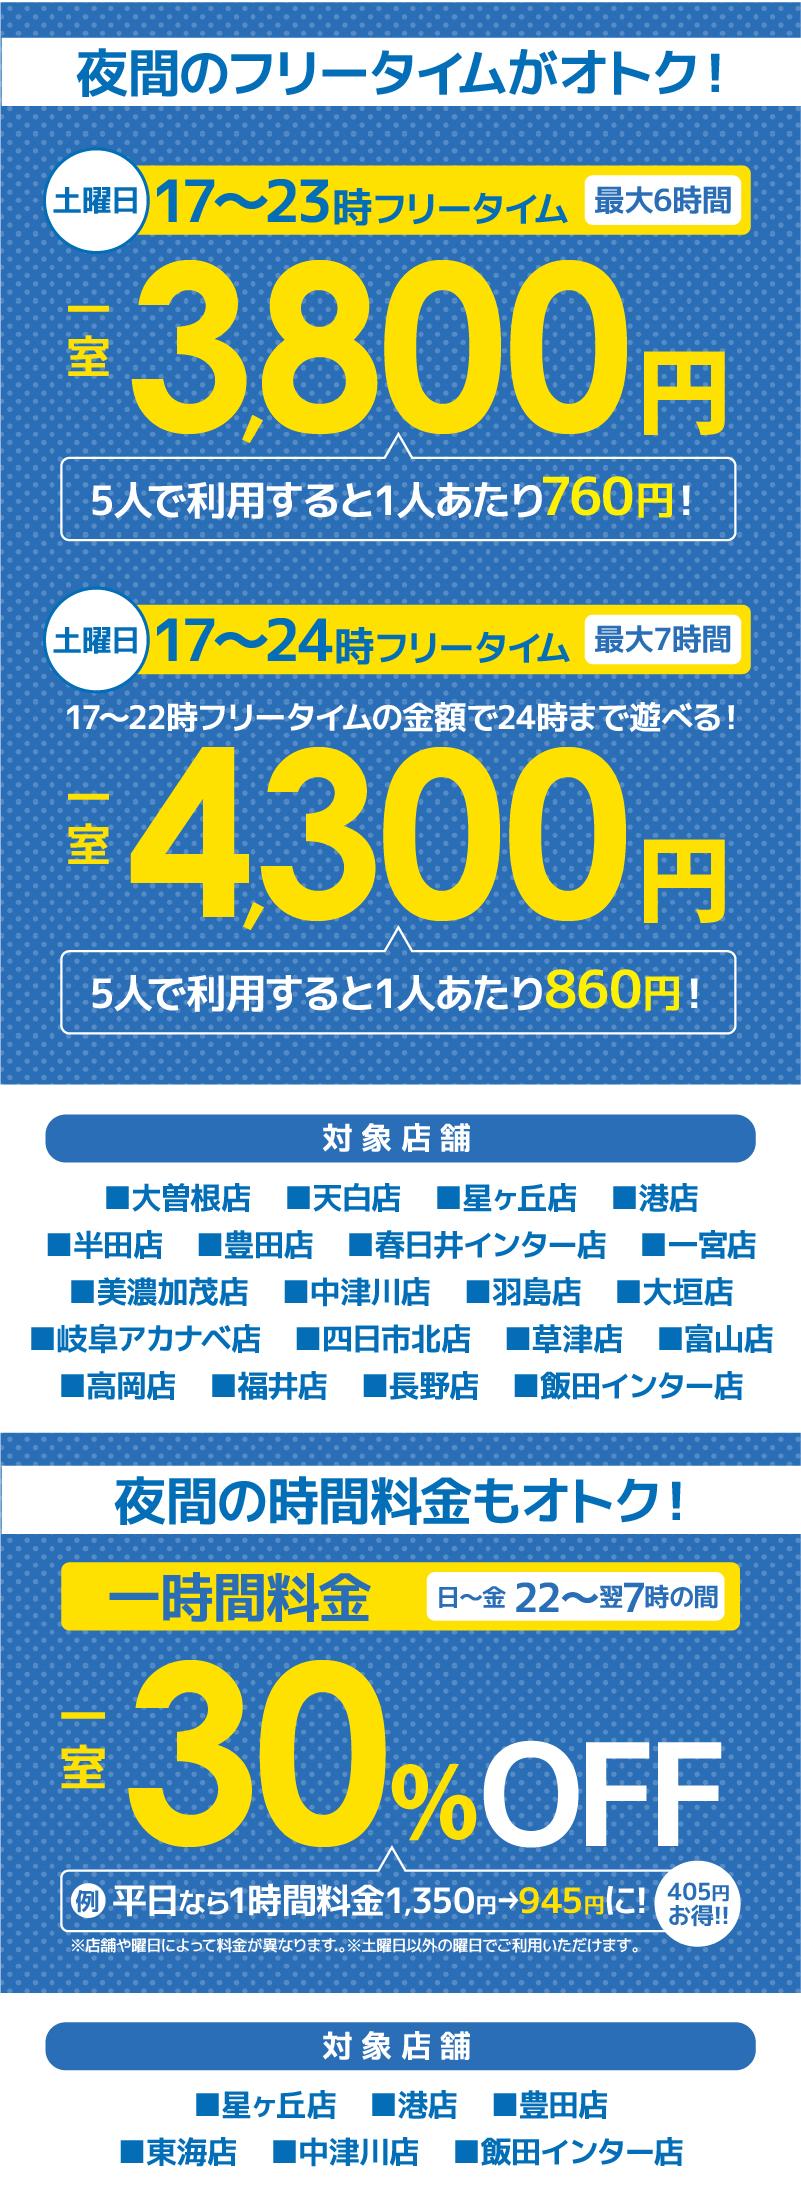 土曜日限定フリータイム 17~23時一室3800円 17~24時一室4300円